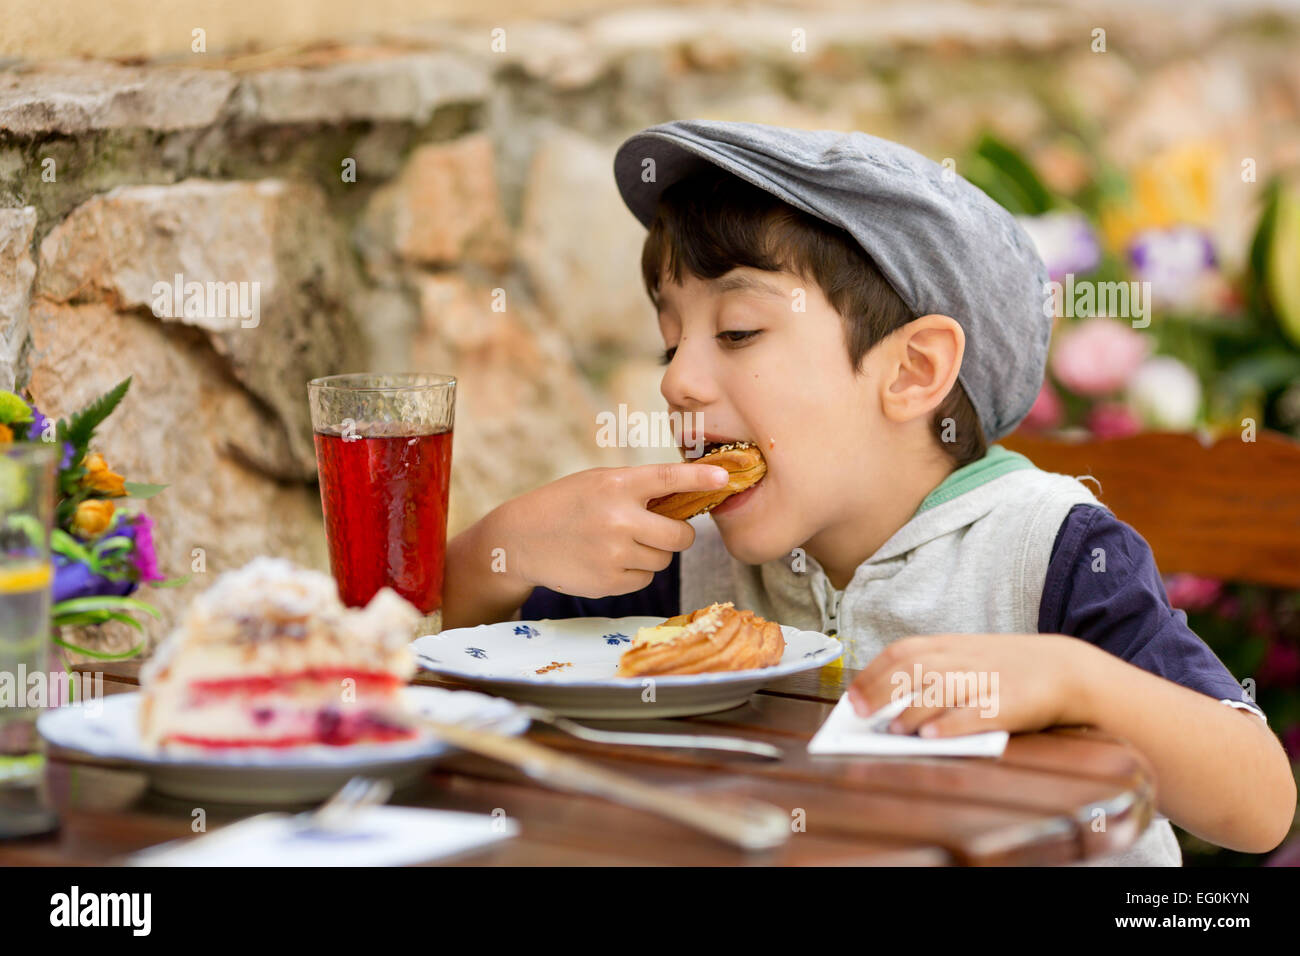 Bulgaria, Sofia, Boy (4-5) eating croissant Stock Photo